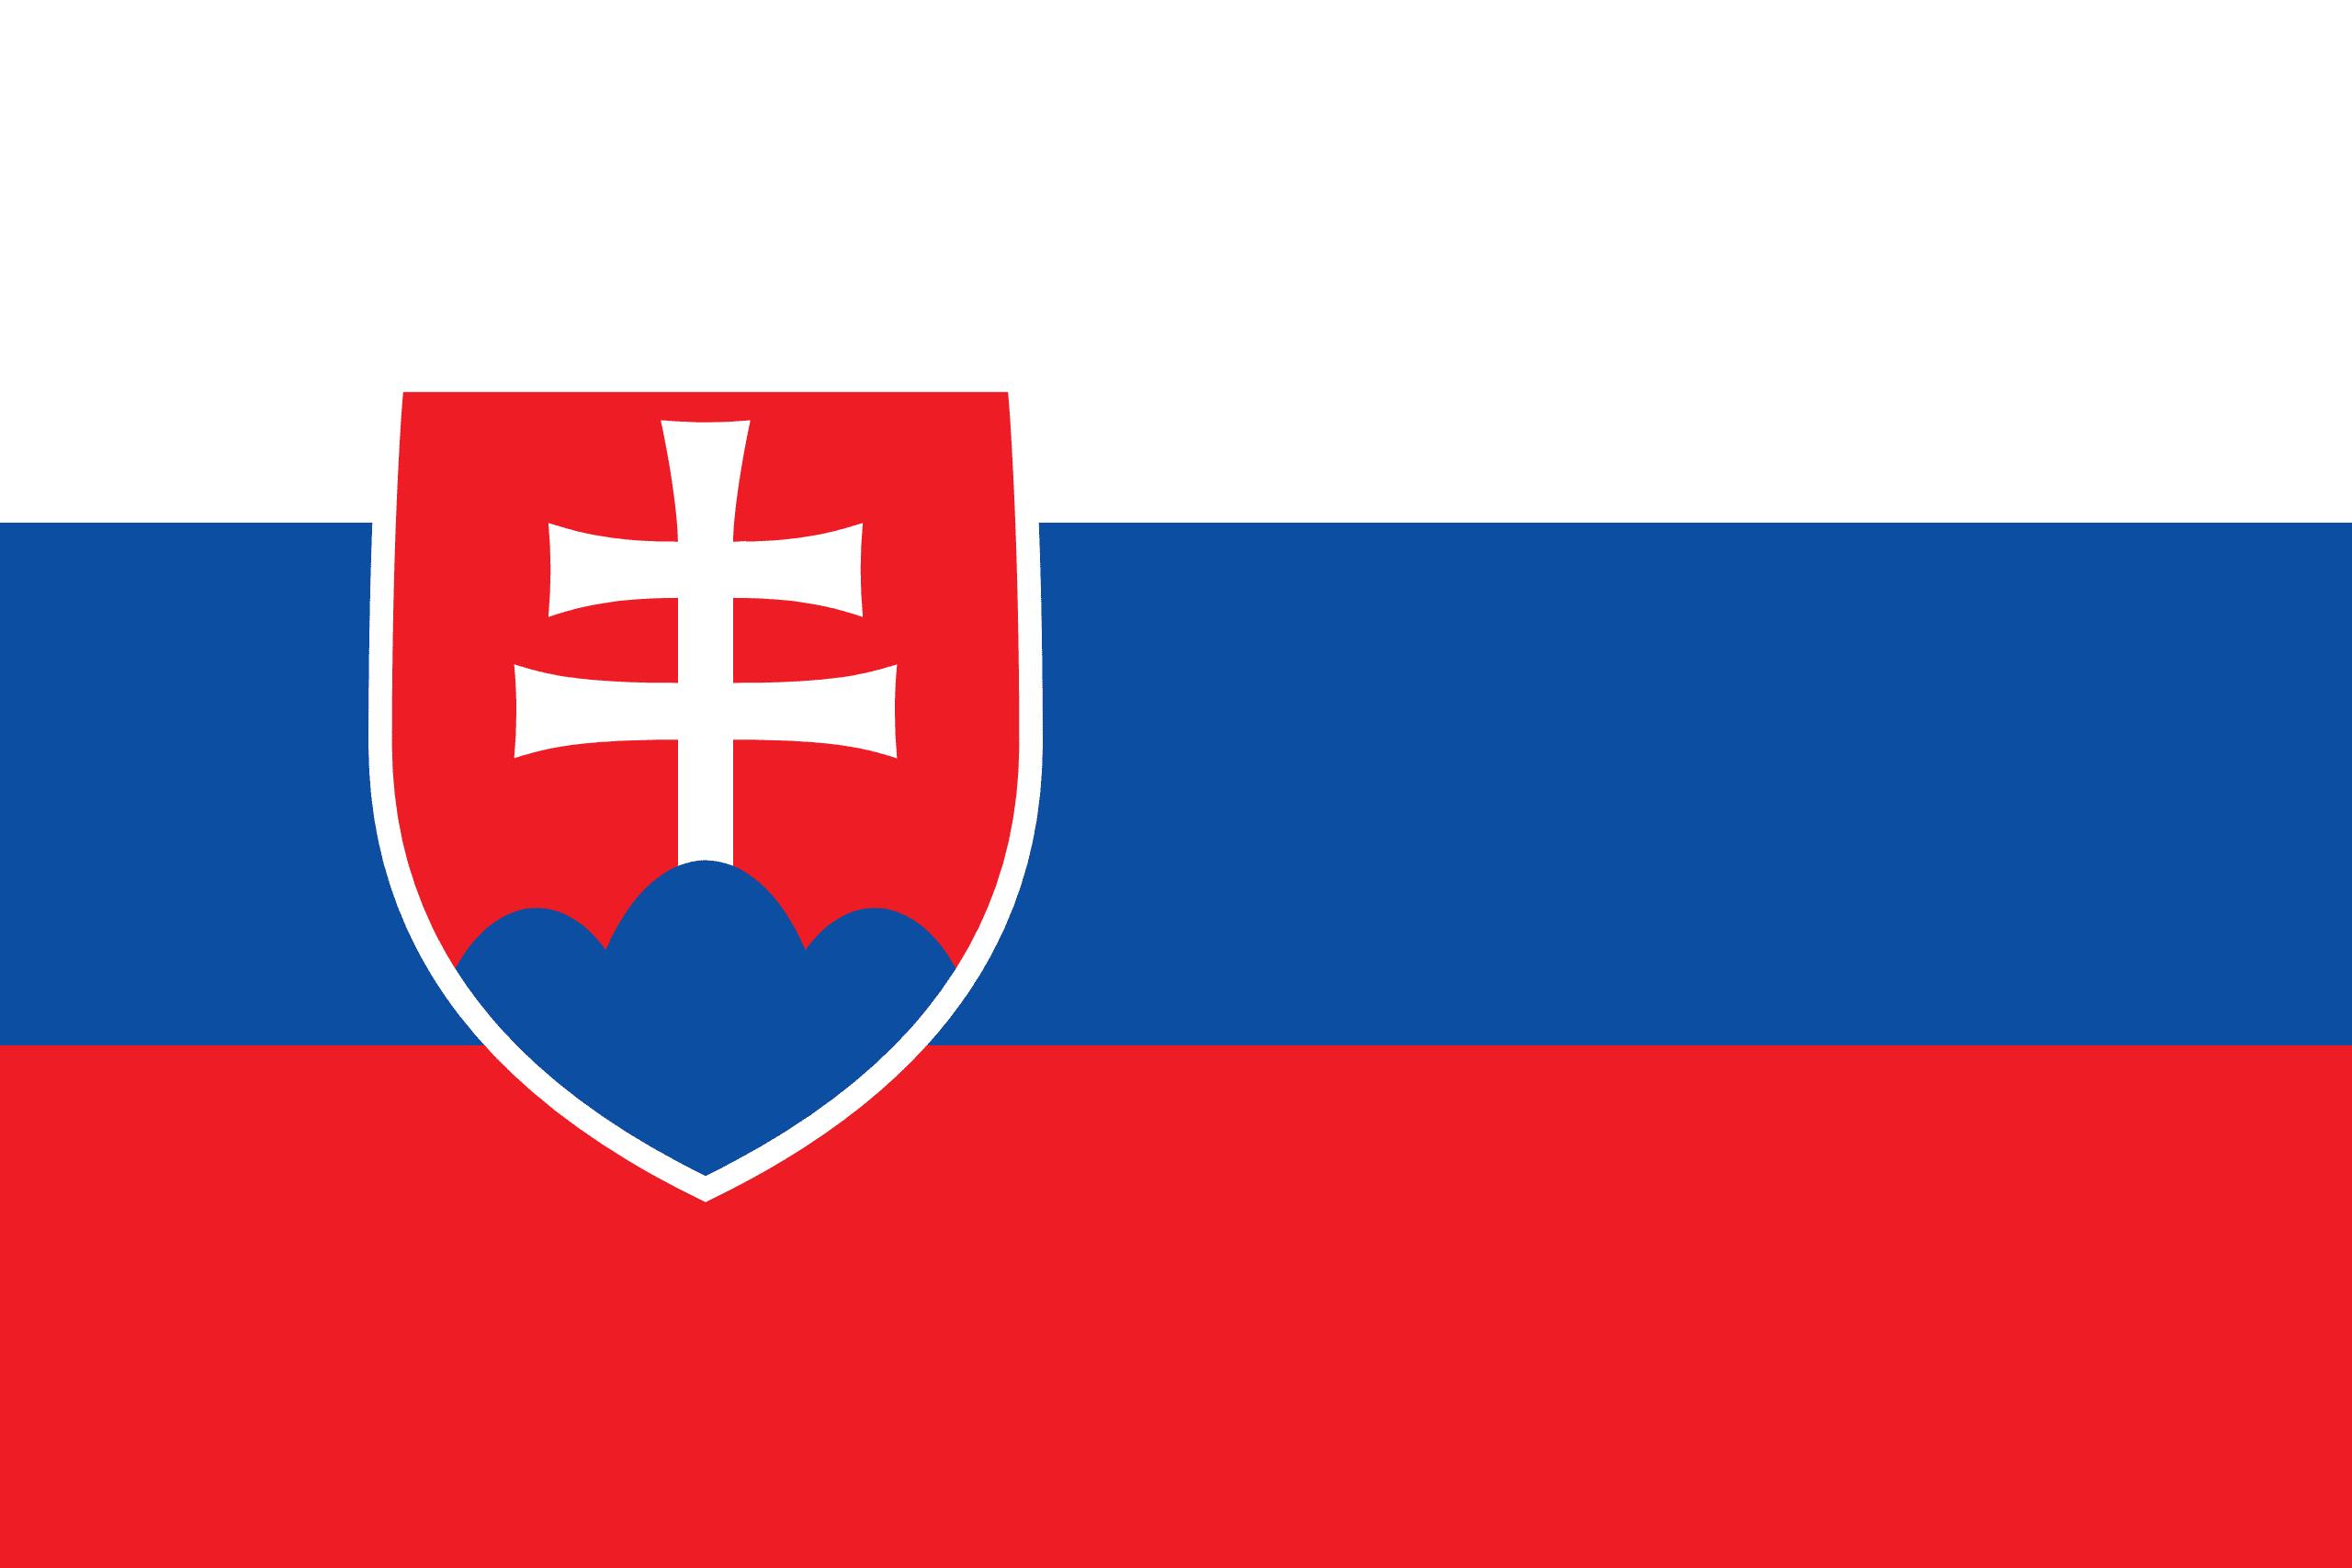 Slovakya Bayrağı 🇸🇰 – Ülke bayrakları